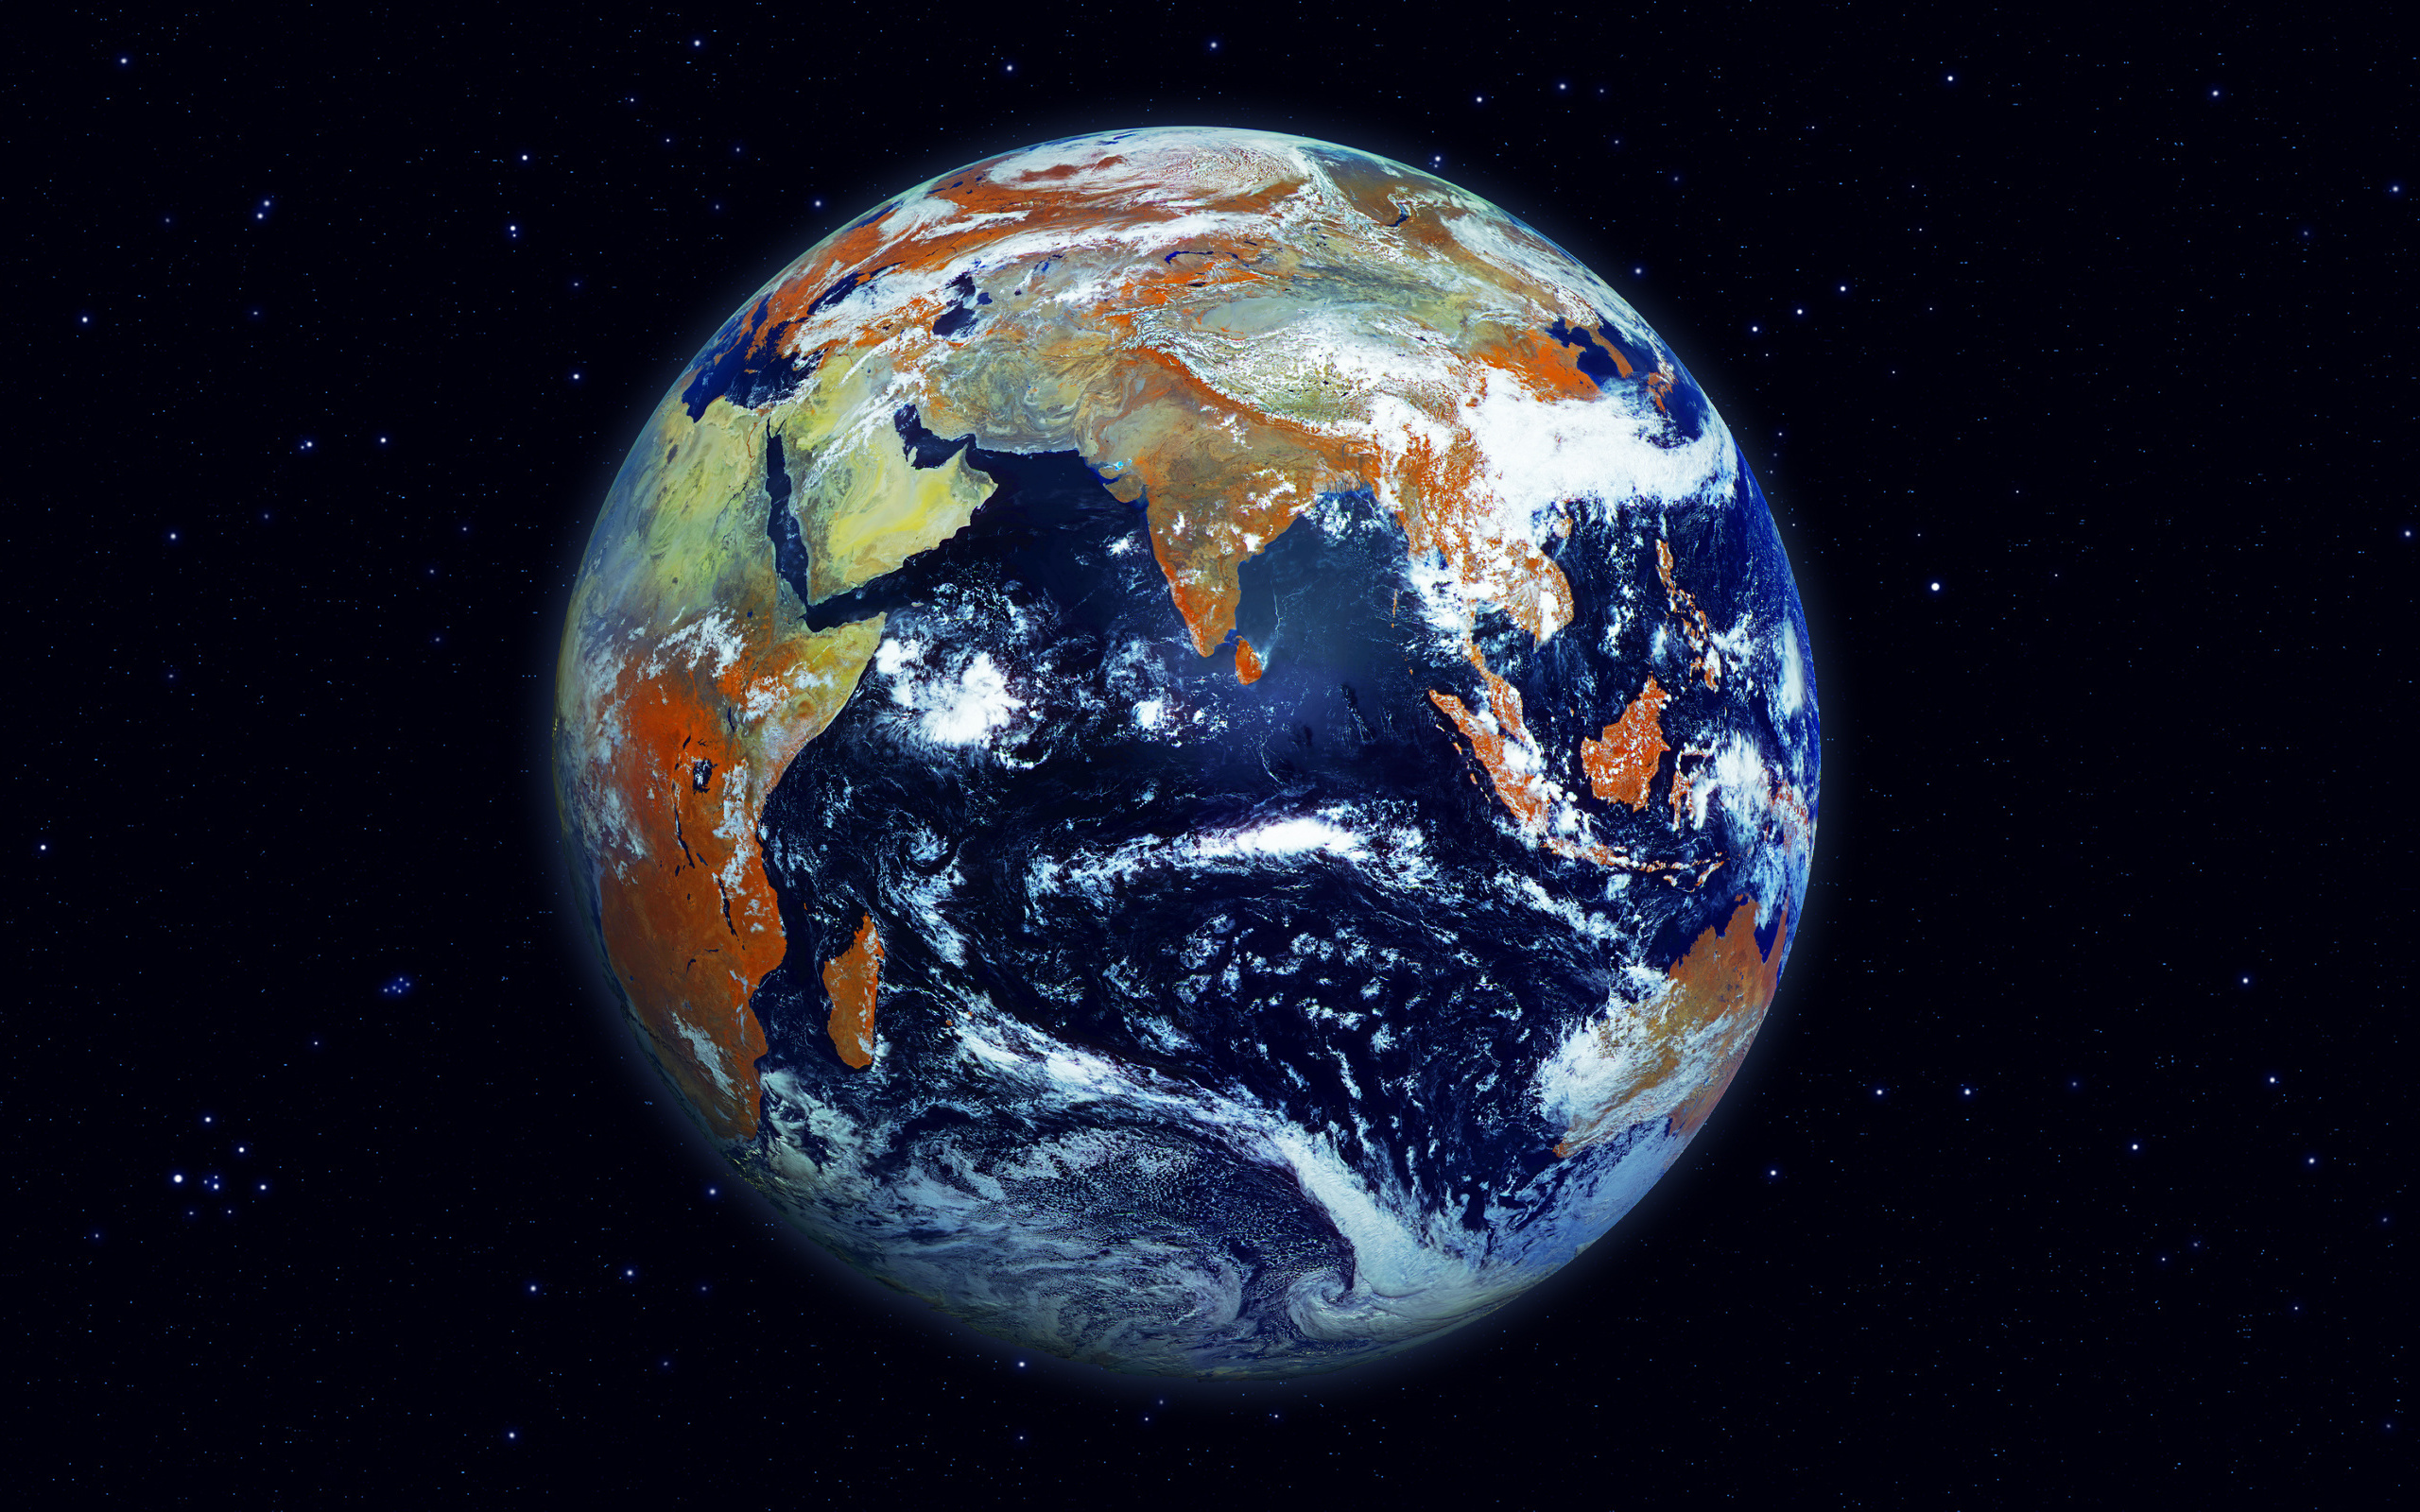 красивые картинки про землю нас каталоге